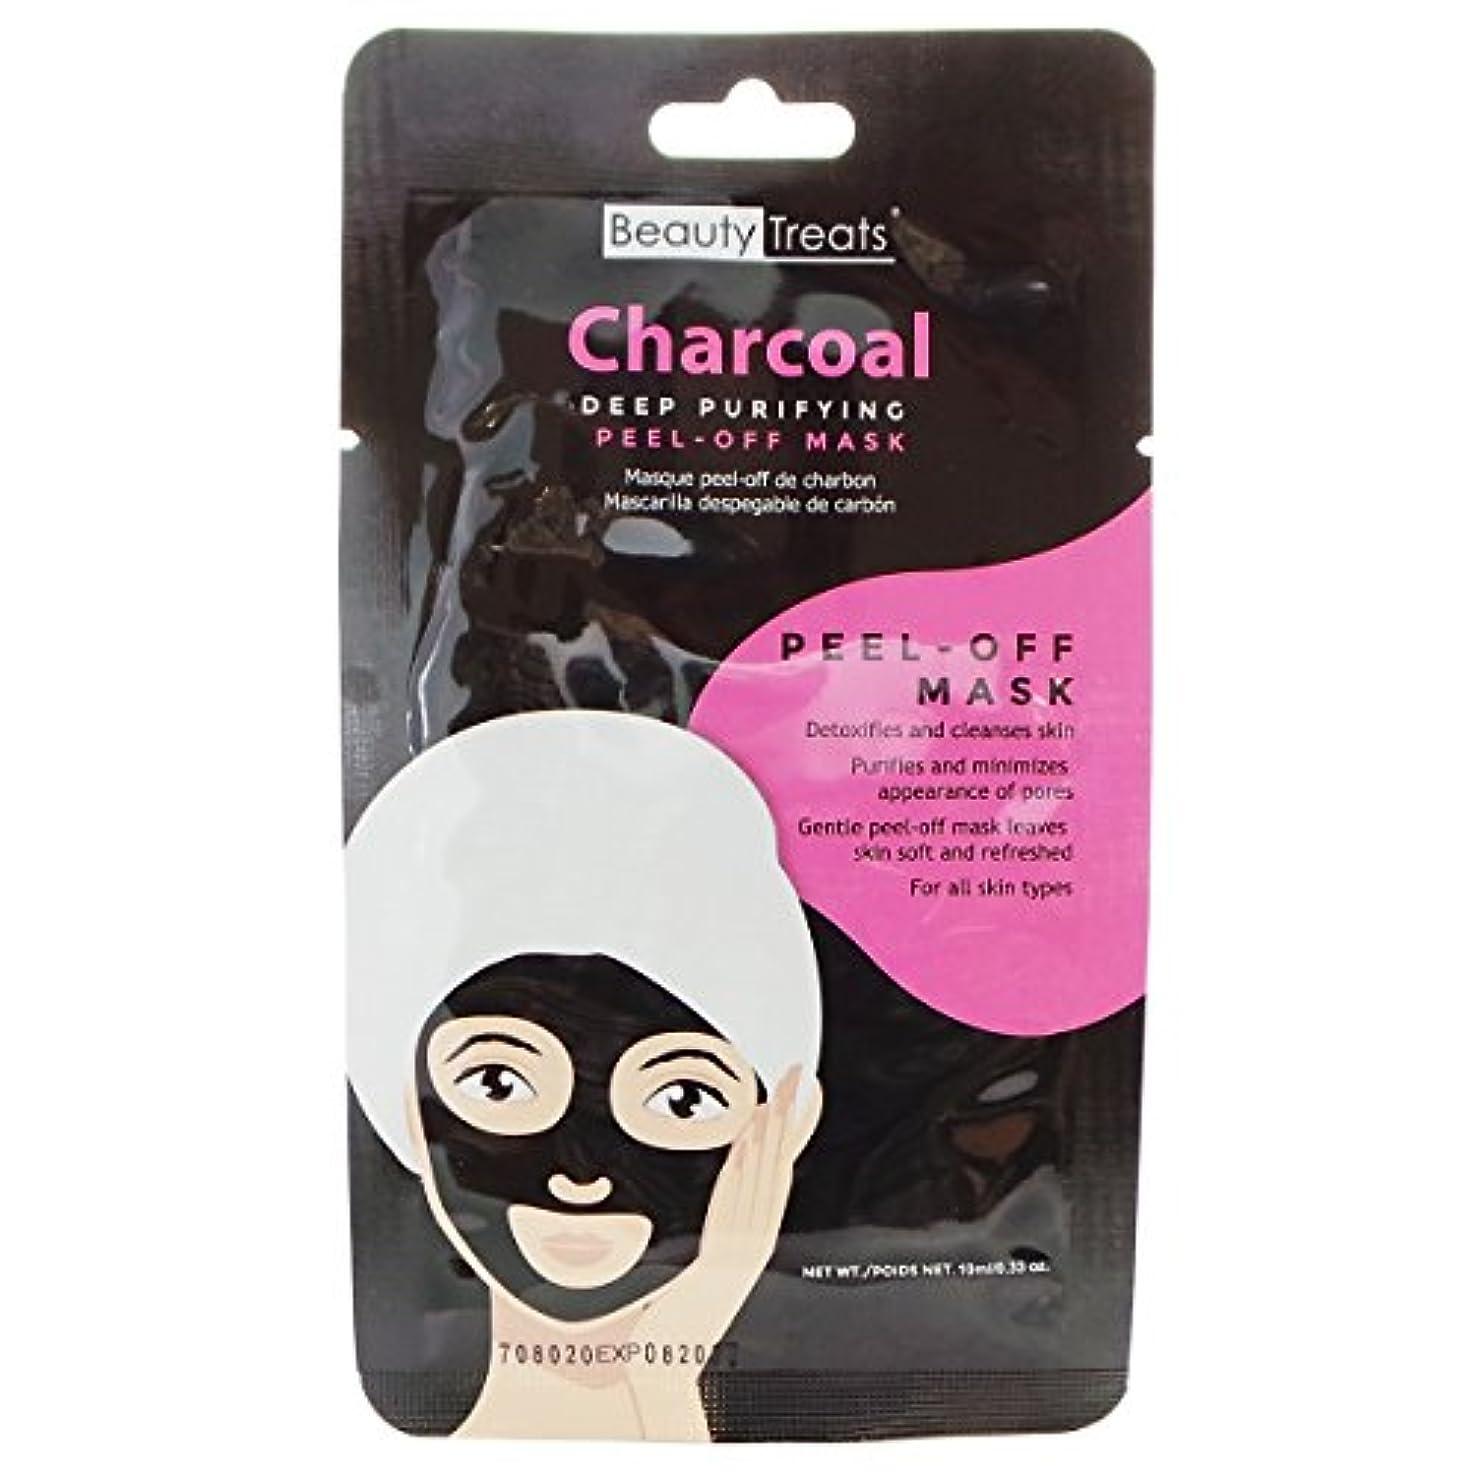 相談ストリップ折る(6 Pack) BEAUTY TREATS Deep Purifying Peel-Off Charcoal Mask (並行輸入品)